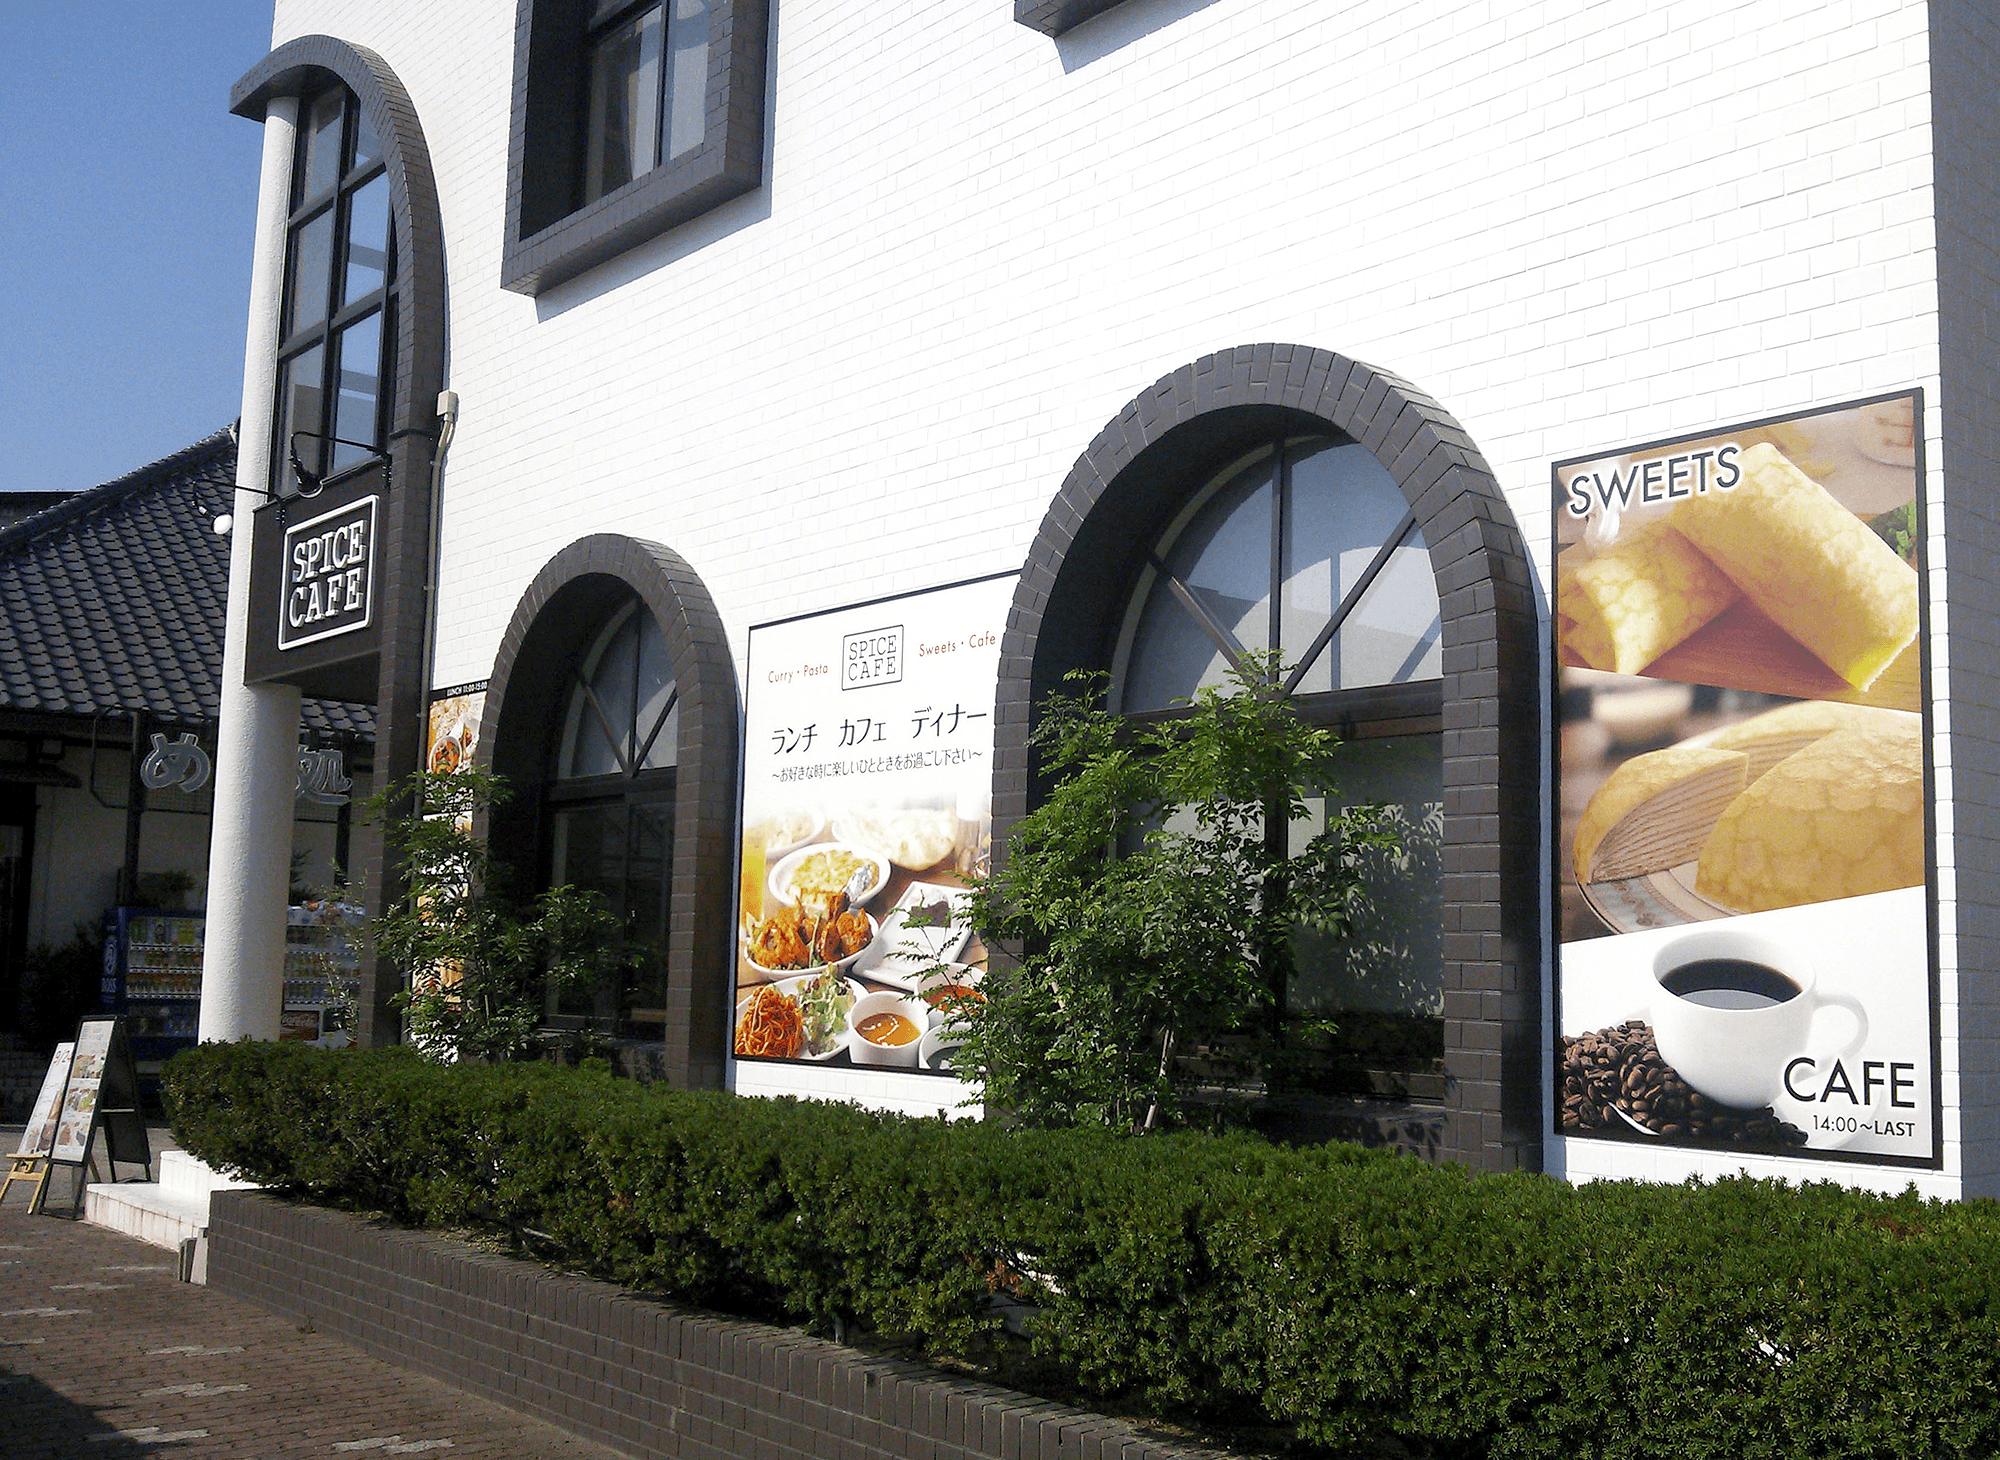 ファサード・壁面看板施工事例写真 愛知県 入口上にカルプの立体文字とスポットライト、壁面にメニュー看板等を設置いたしました